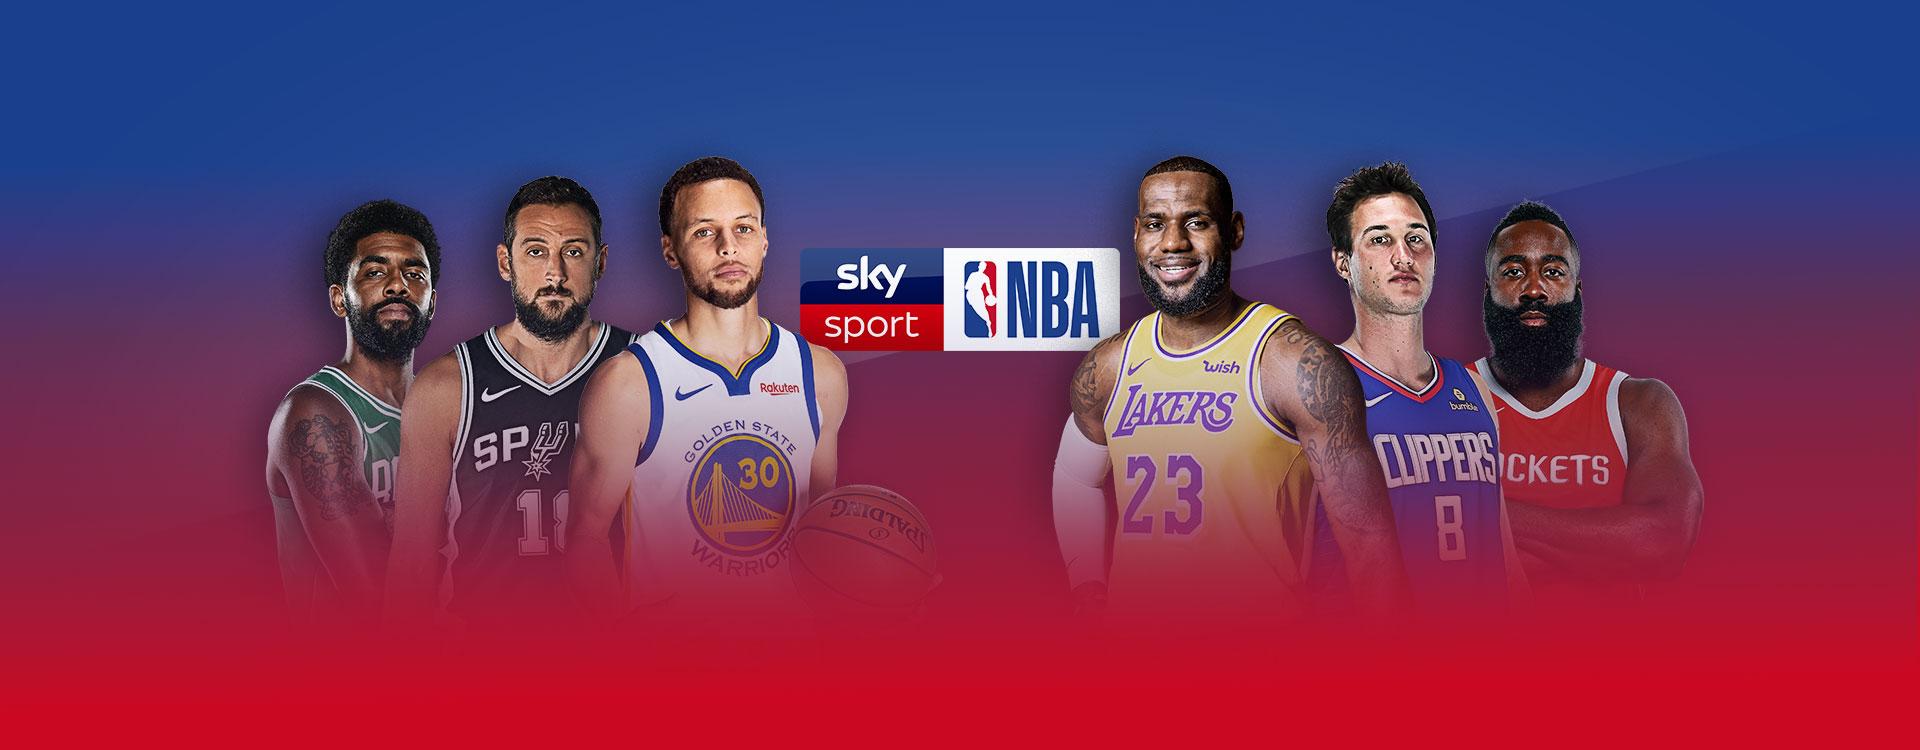 Mai così tanta NBA su Sky Sport, oltre 350 partite live nel canale dedicato